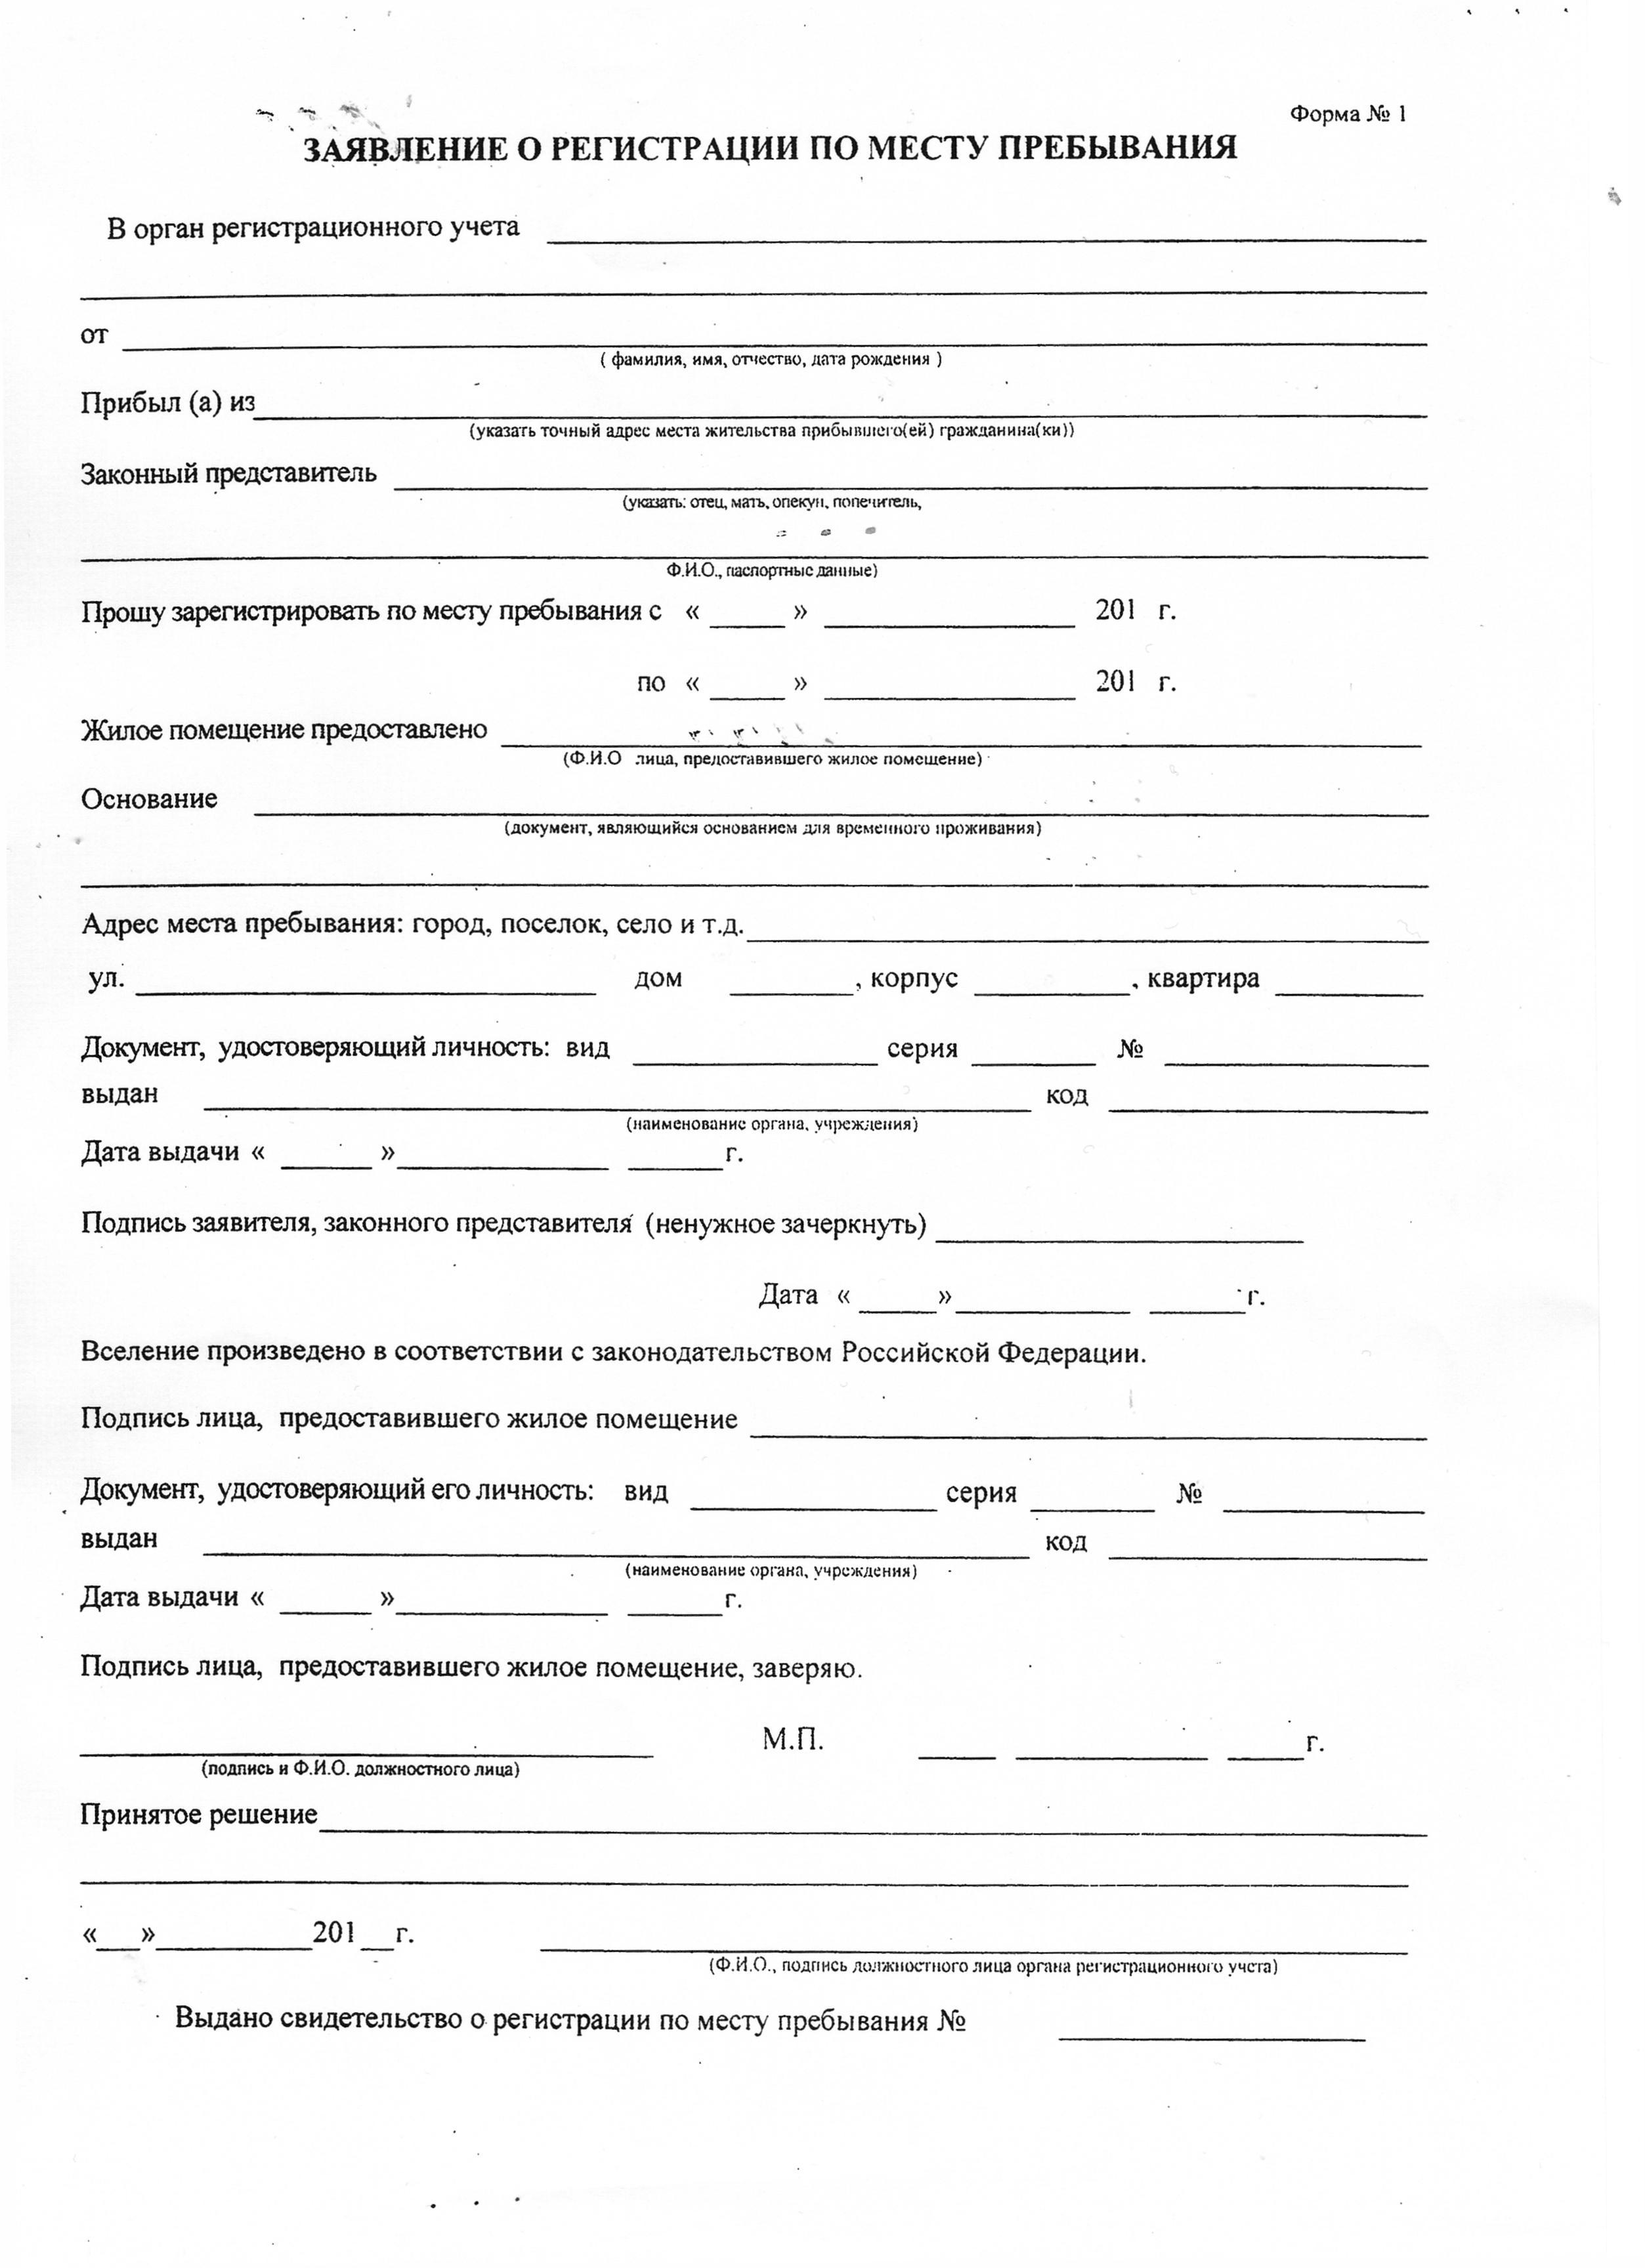 Как зарегистрировать ребенка по месту жительства 28